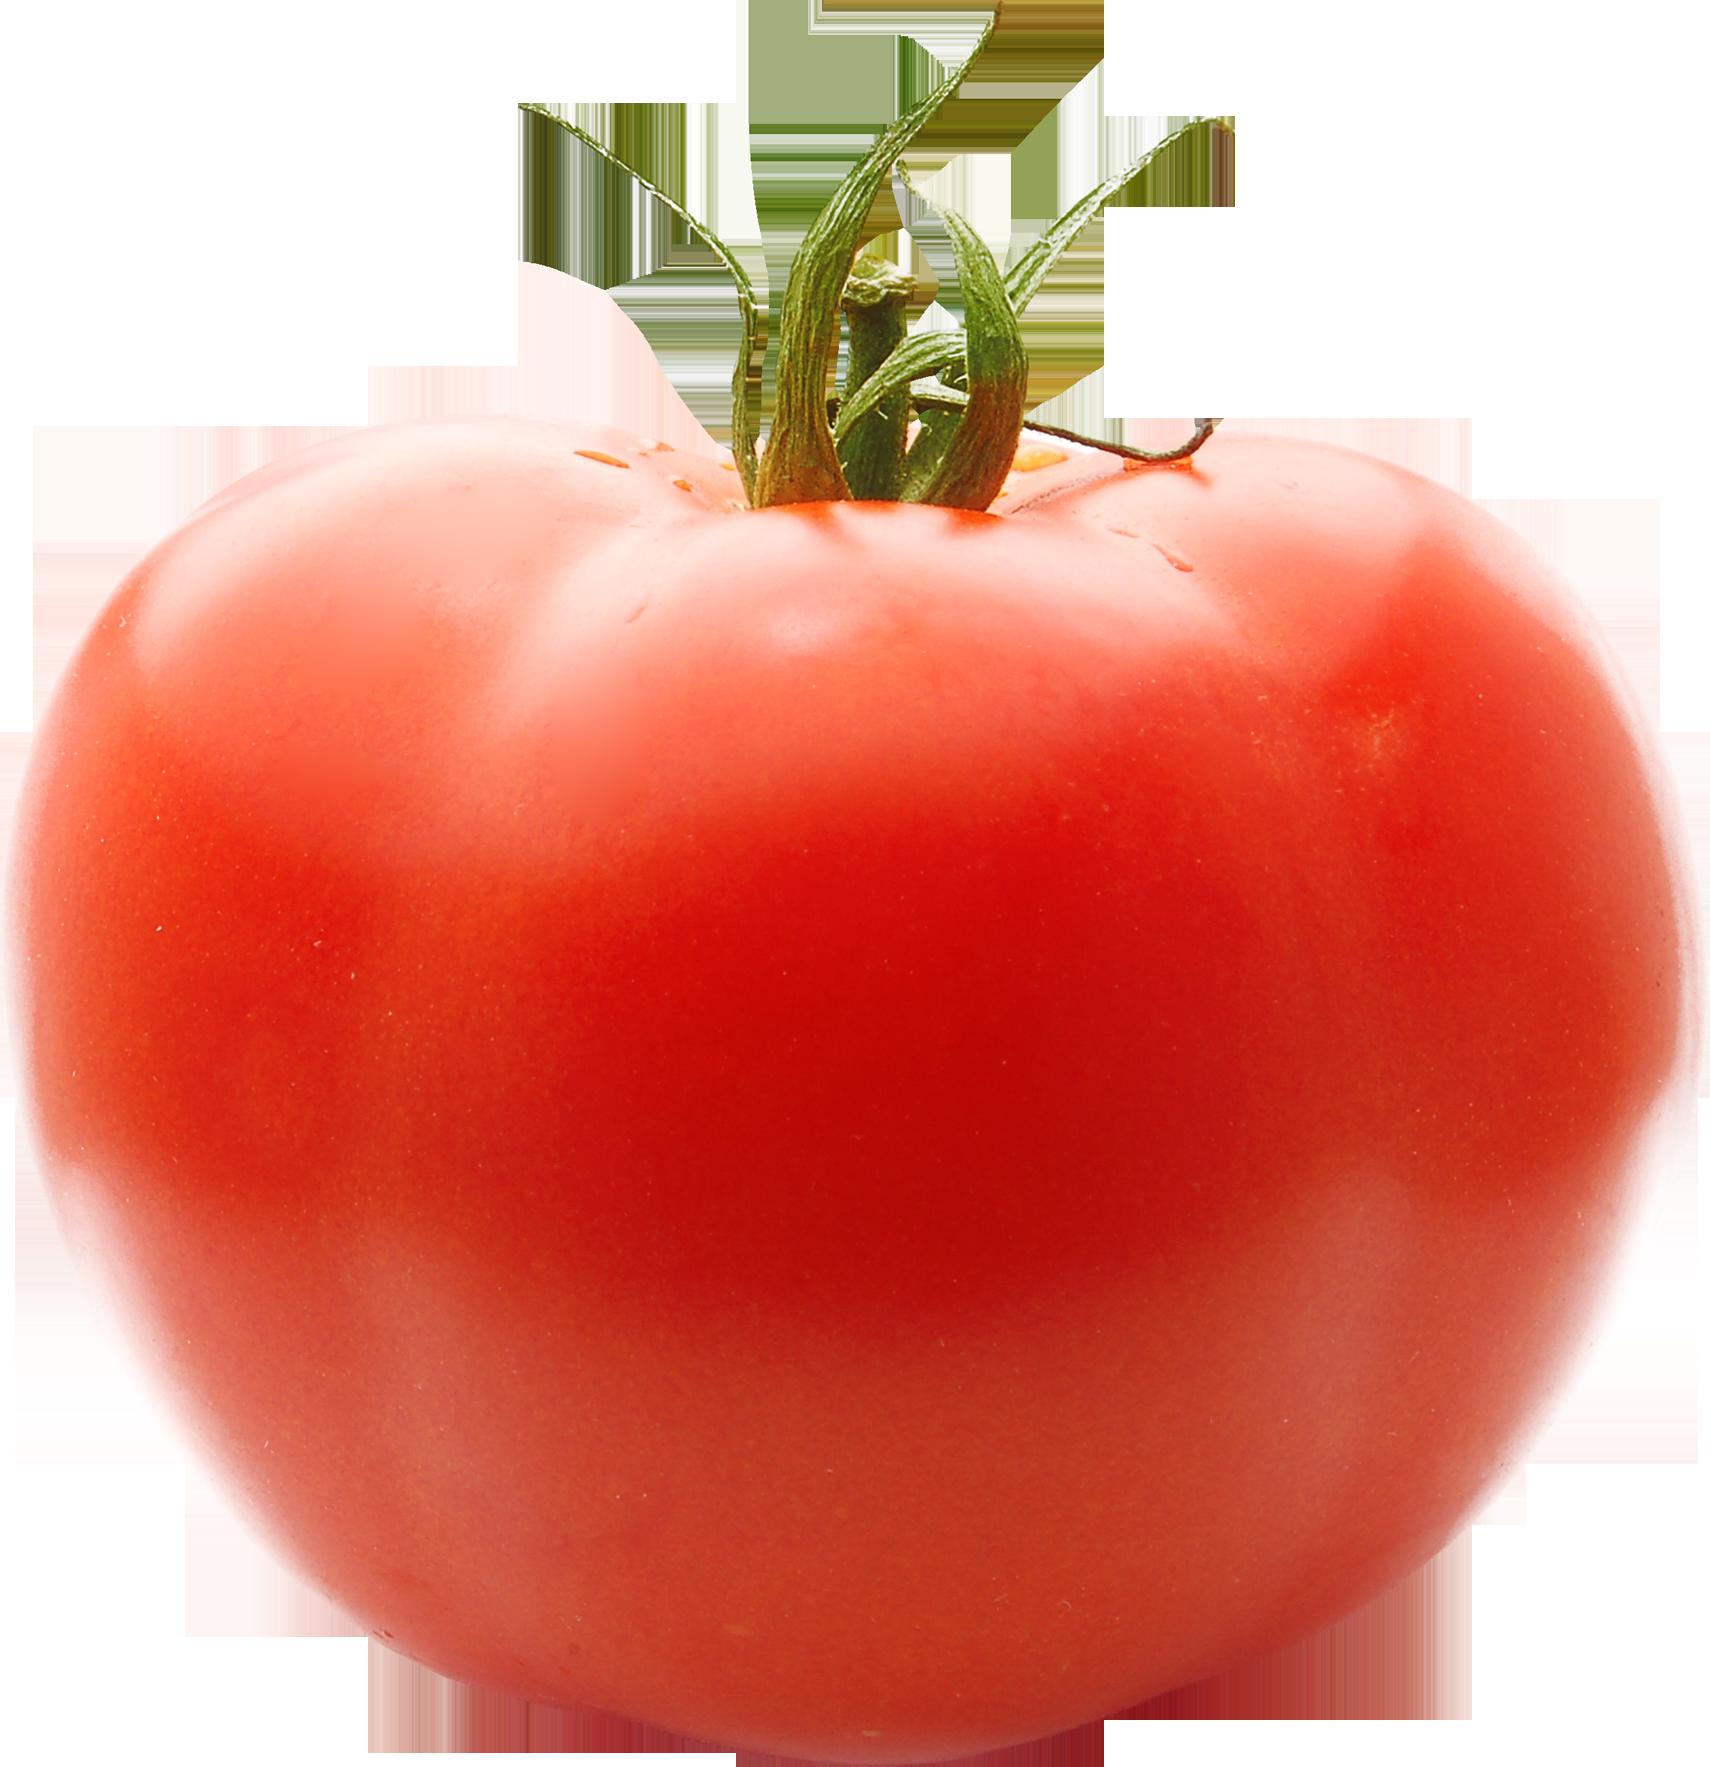 Tomato Clipart No Background Clip art of Tomato Clipart #4801.